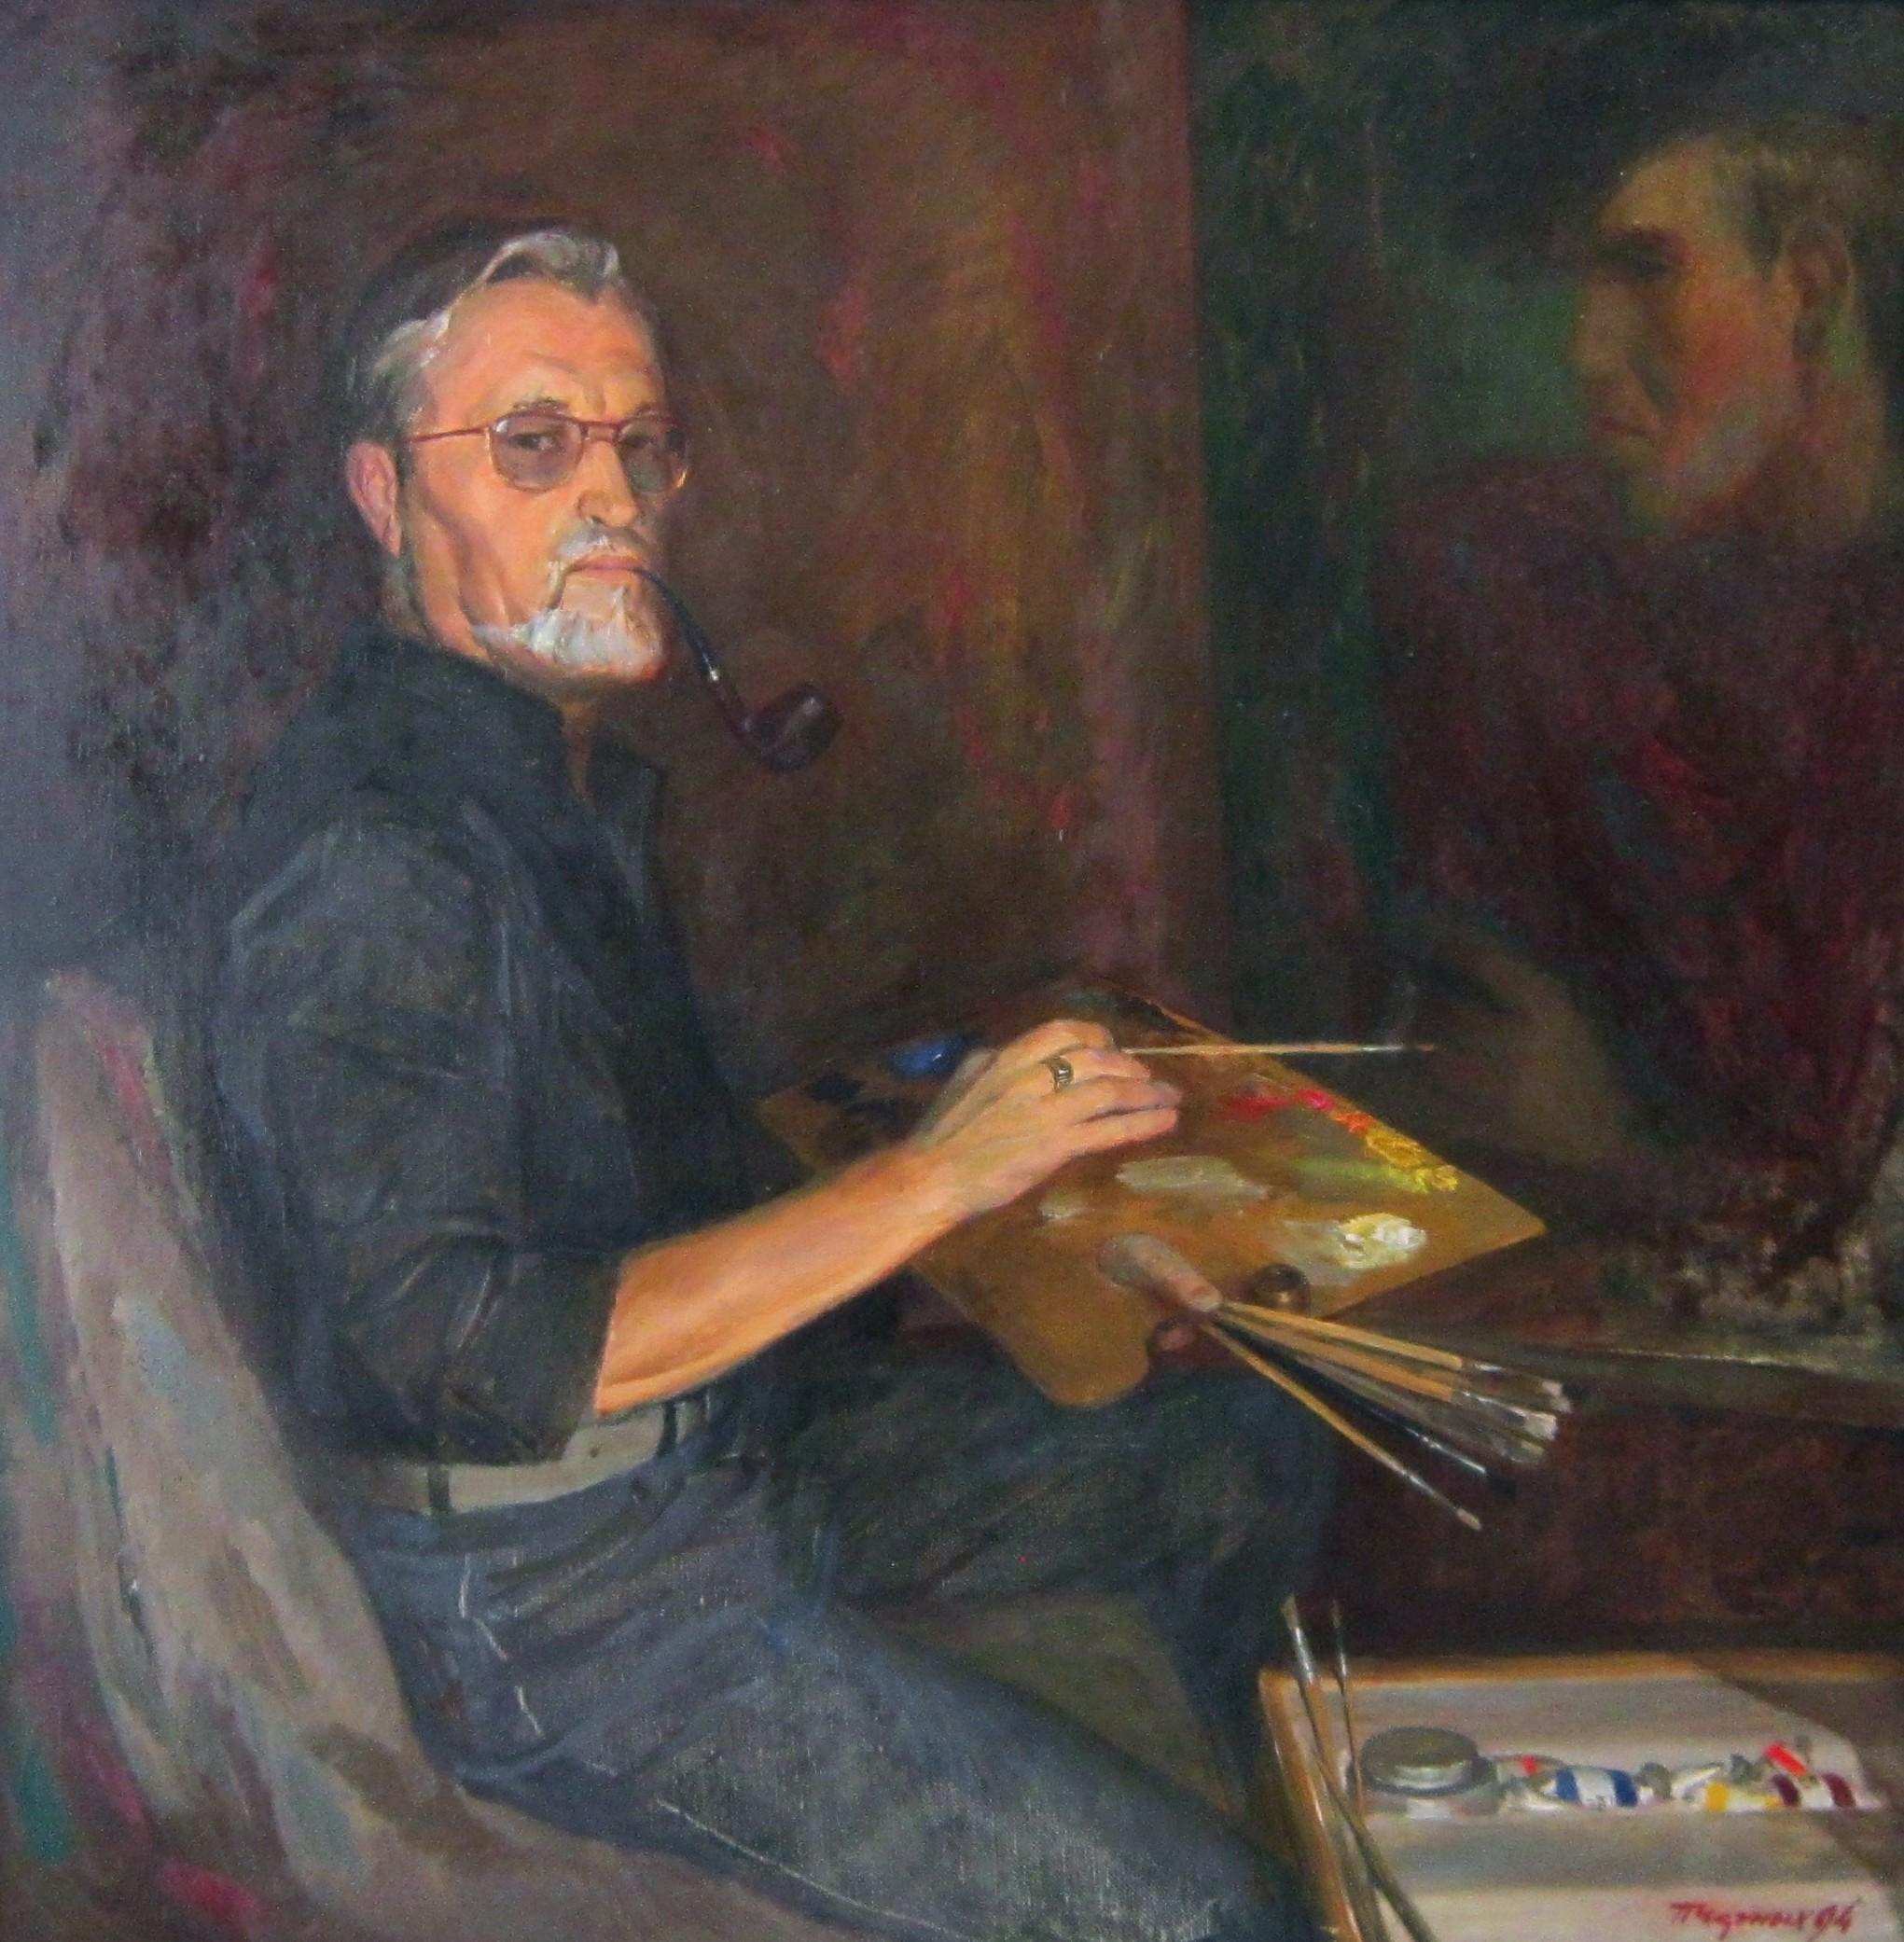 Павел Александрович Черных (1938-1995 гг.). Автопортрет 1994 год.